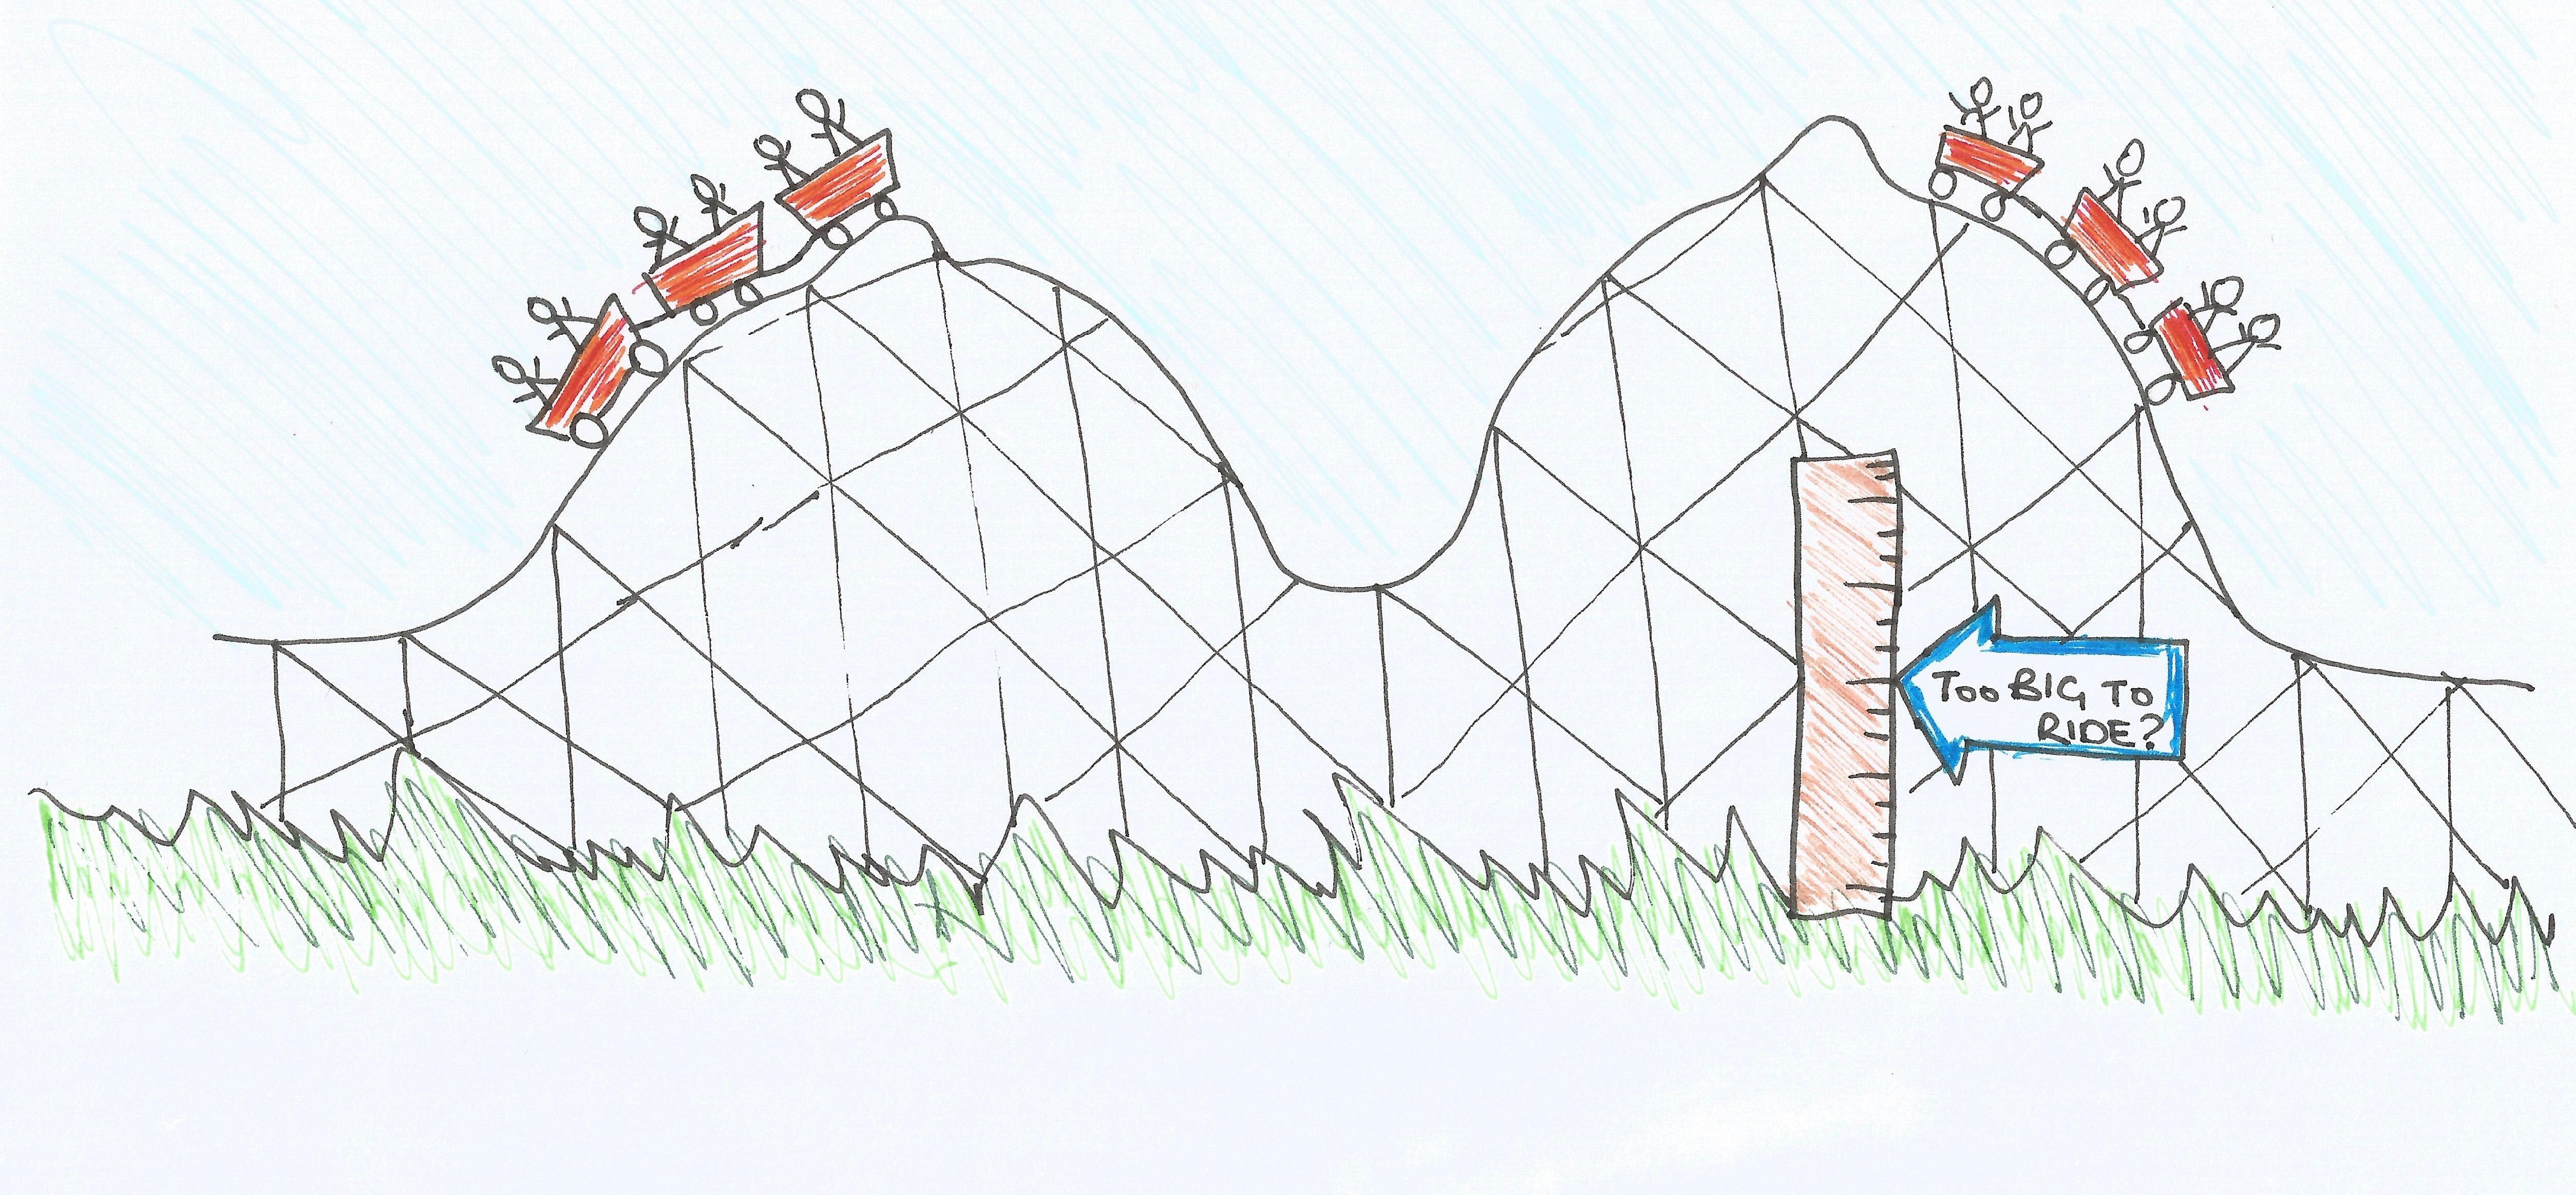 Boobie Rollercoaster 1 The British Maple Diagram